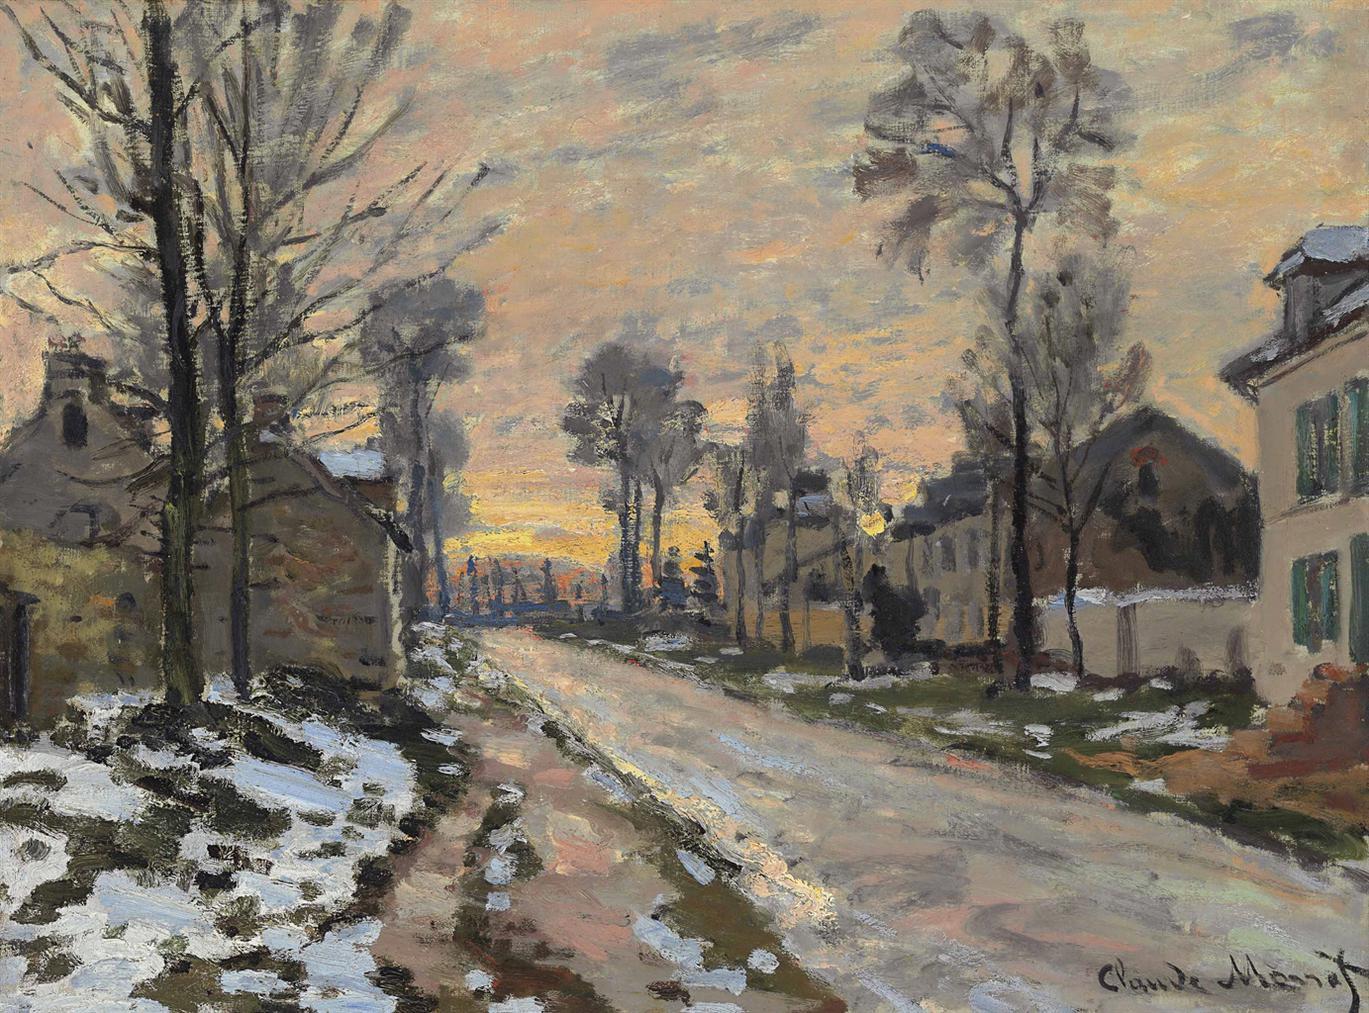 Claude Monet-Route A Louveciennes, Neige Fondante, Soleil Couchant-1870